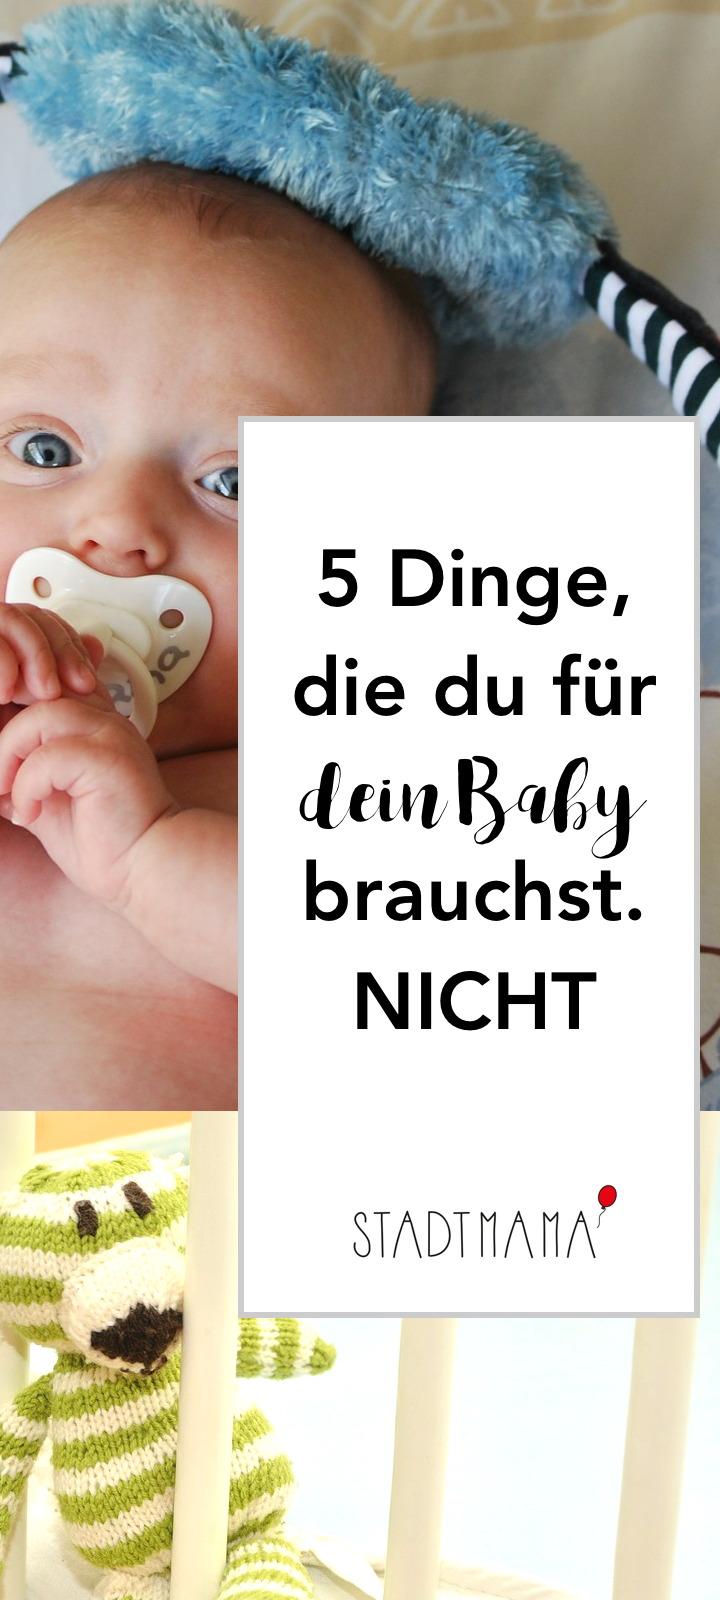 5 Dinge, die du für dein Baby vermutlich nicht brauchst. Eine Nicht-Einkaufsliste zu Babys Erstausstattung und Kinderzimmerausstattung für Ersteltern.